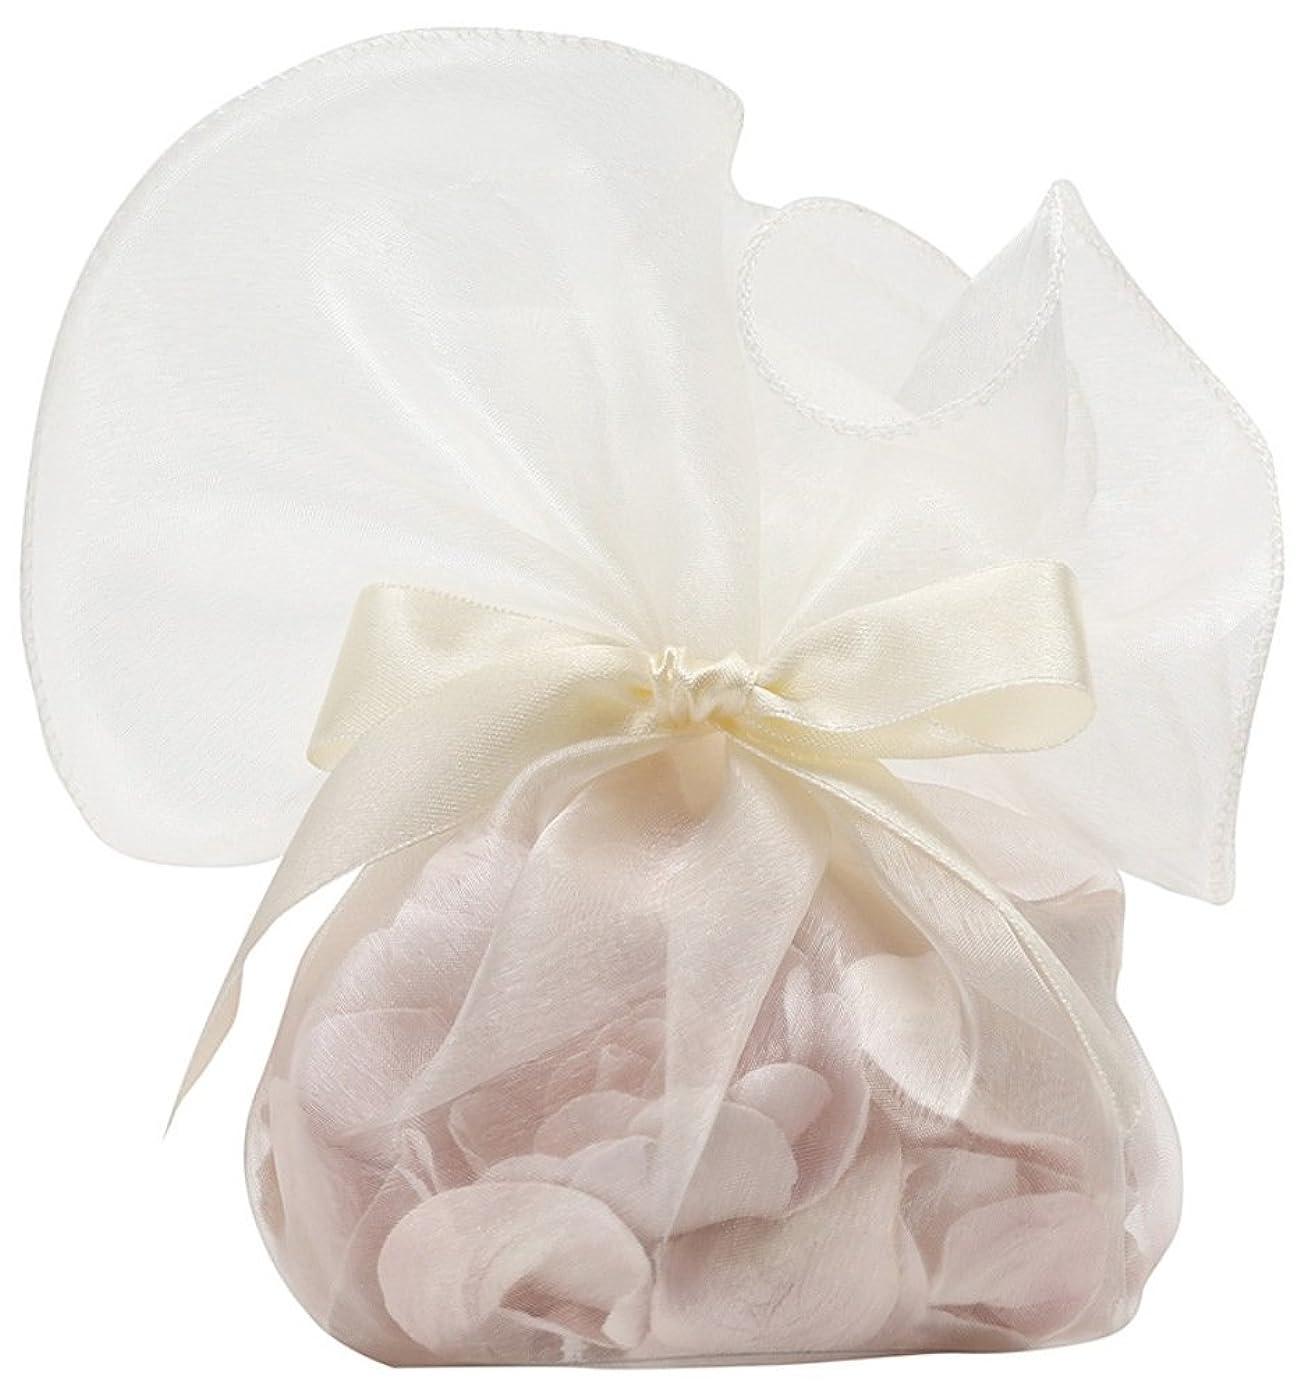 衣装思慮深い手伝うノルコーポレーション 芳香剤 ココン フレグランスサシェ 置き型 アンジェリック ローズ OA-COS-1-2